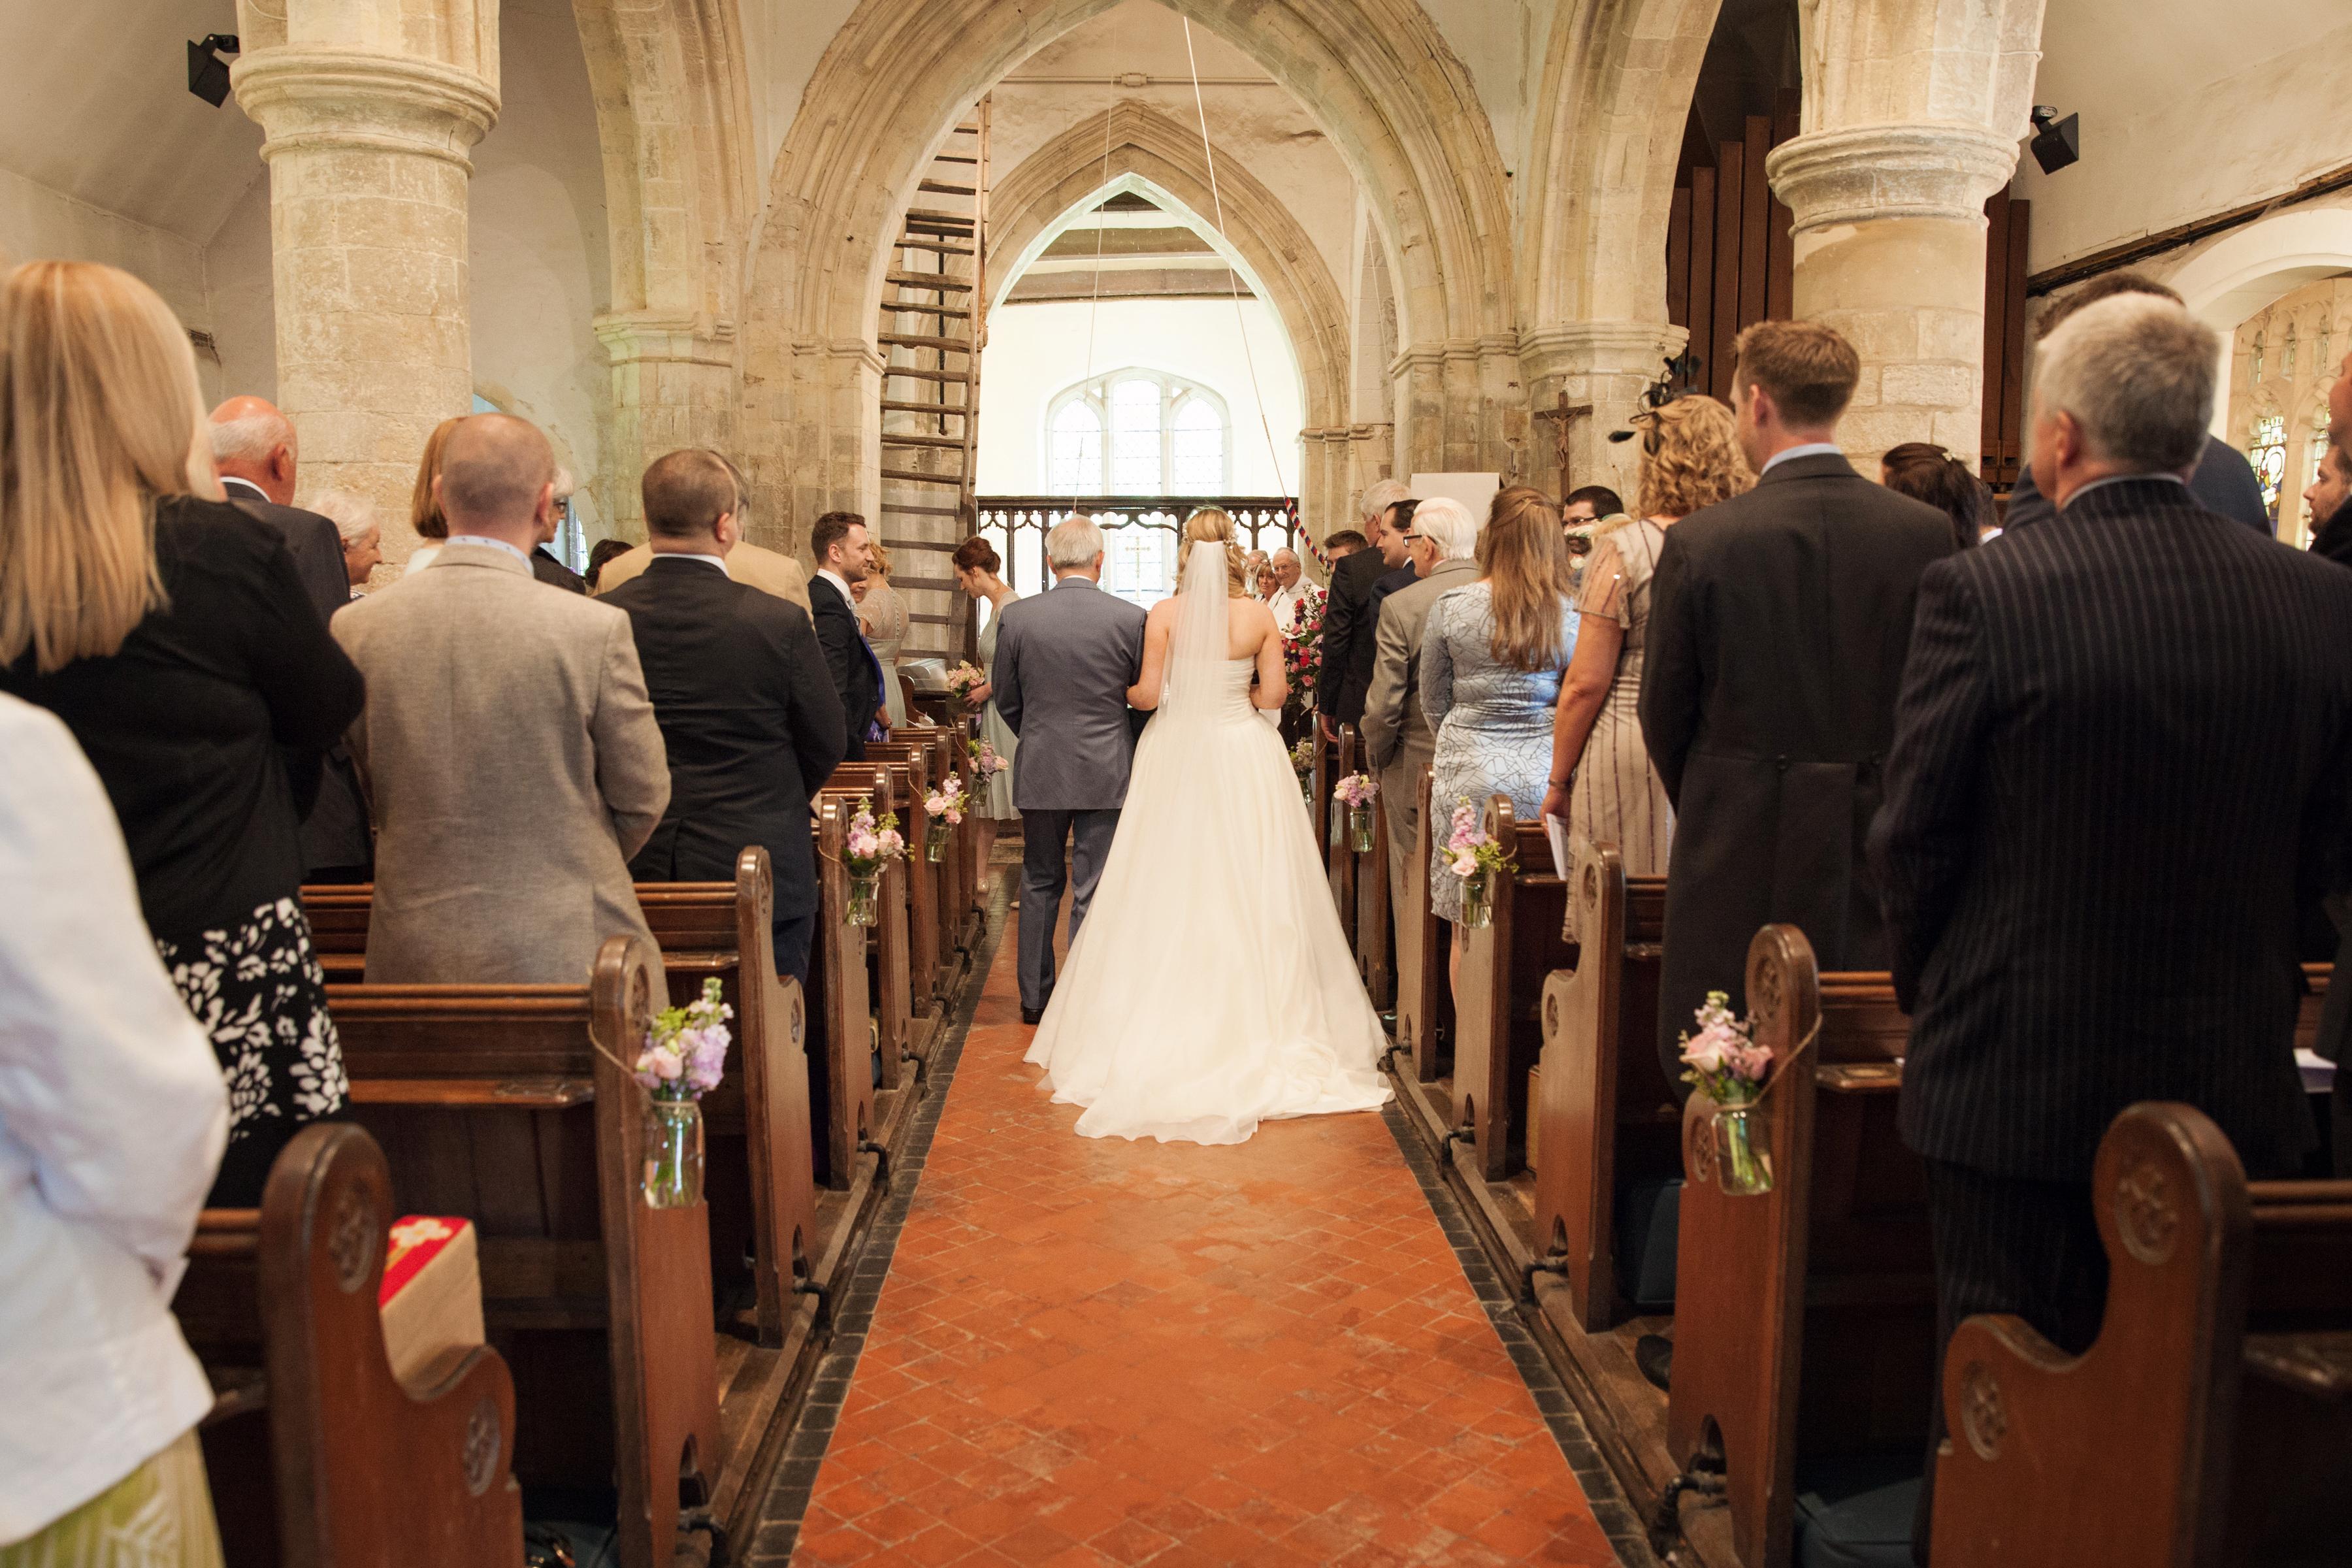 Rye Wedding Venue Image by Kerry Ann Duffy